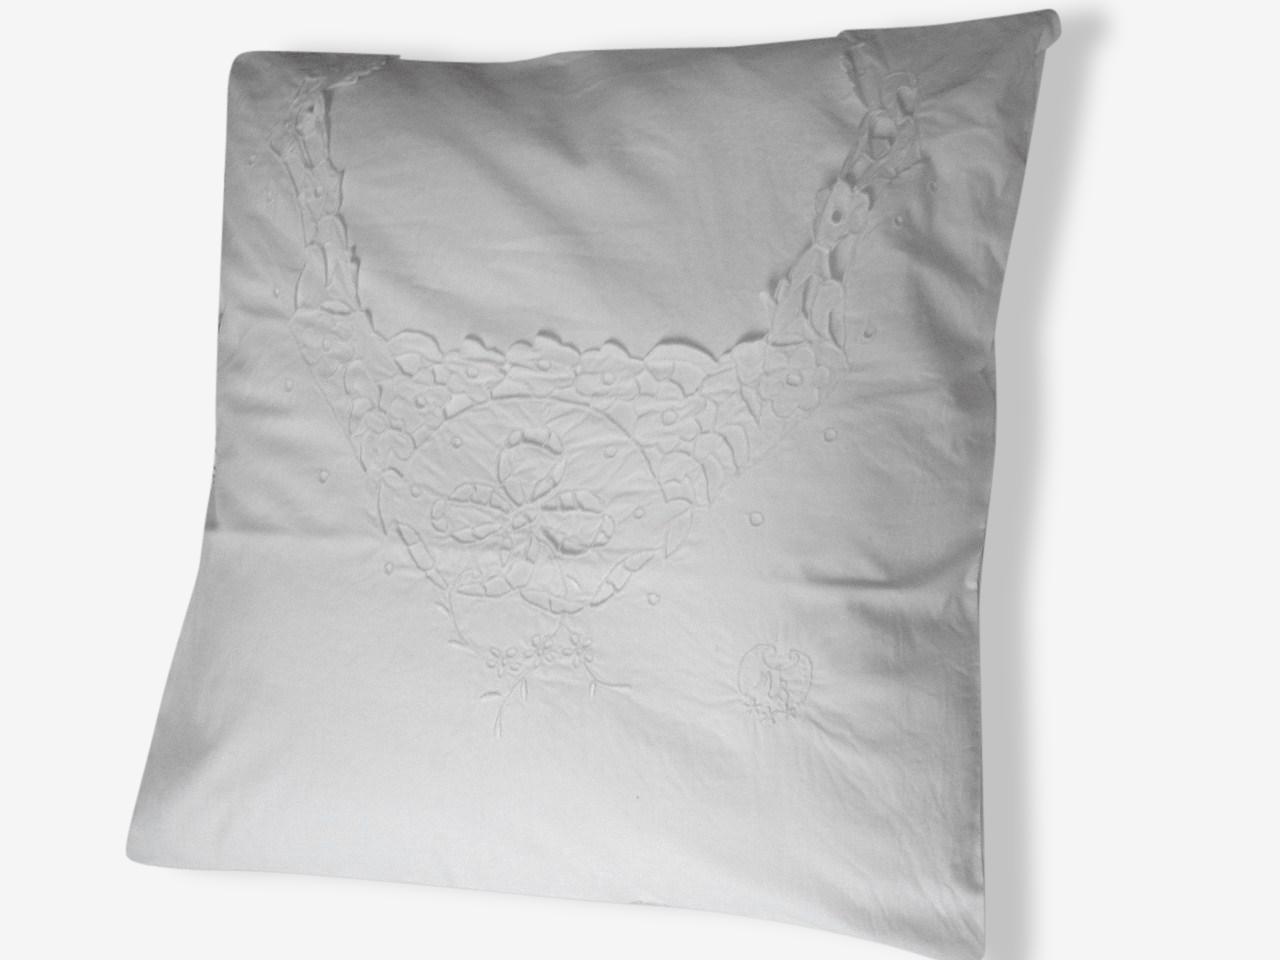 Coussin en rares linges anciens | Chemise de nuit Délicate + dentelle floral richelieu + Monogrammes M B | Déco Charme Romantique